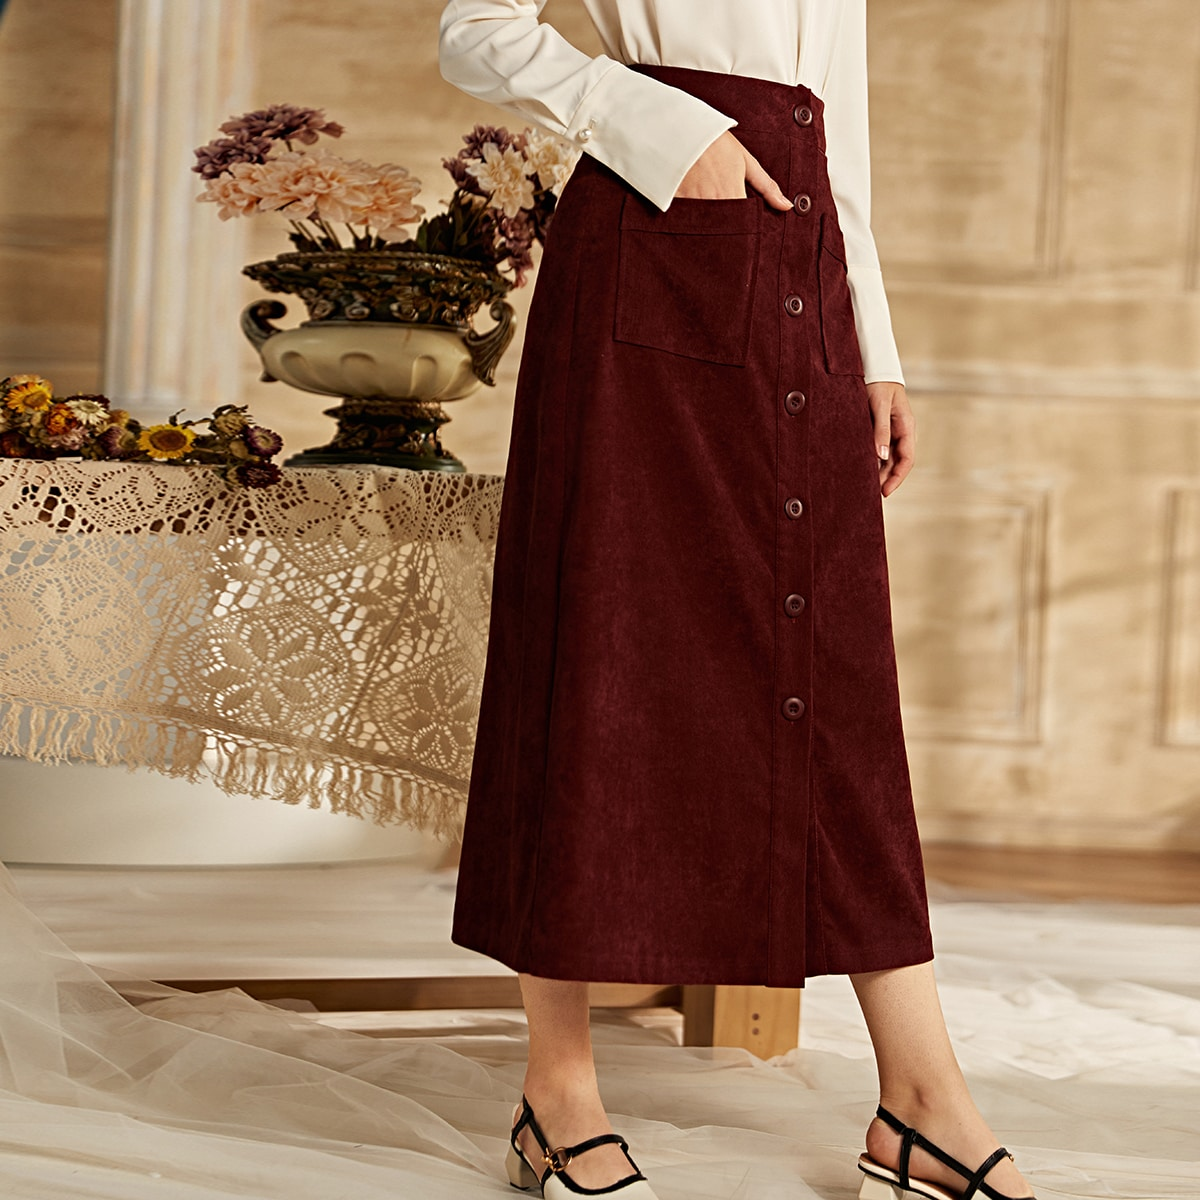 Вельветовая юбка с пуговицами и двумя карманами